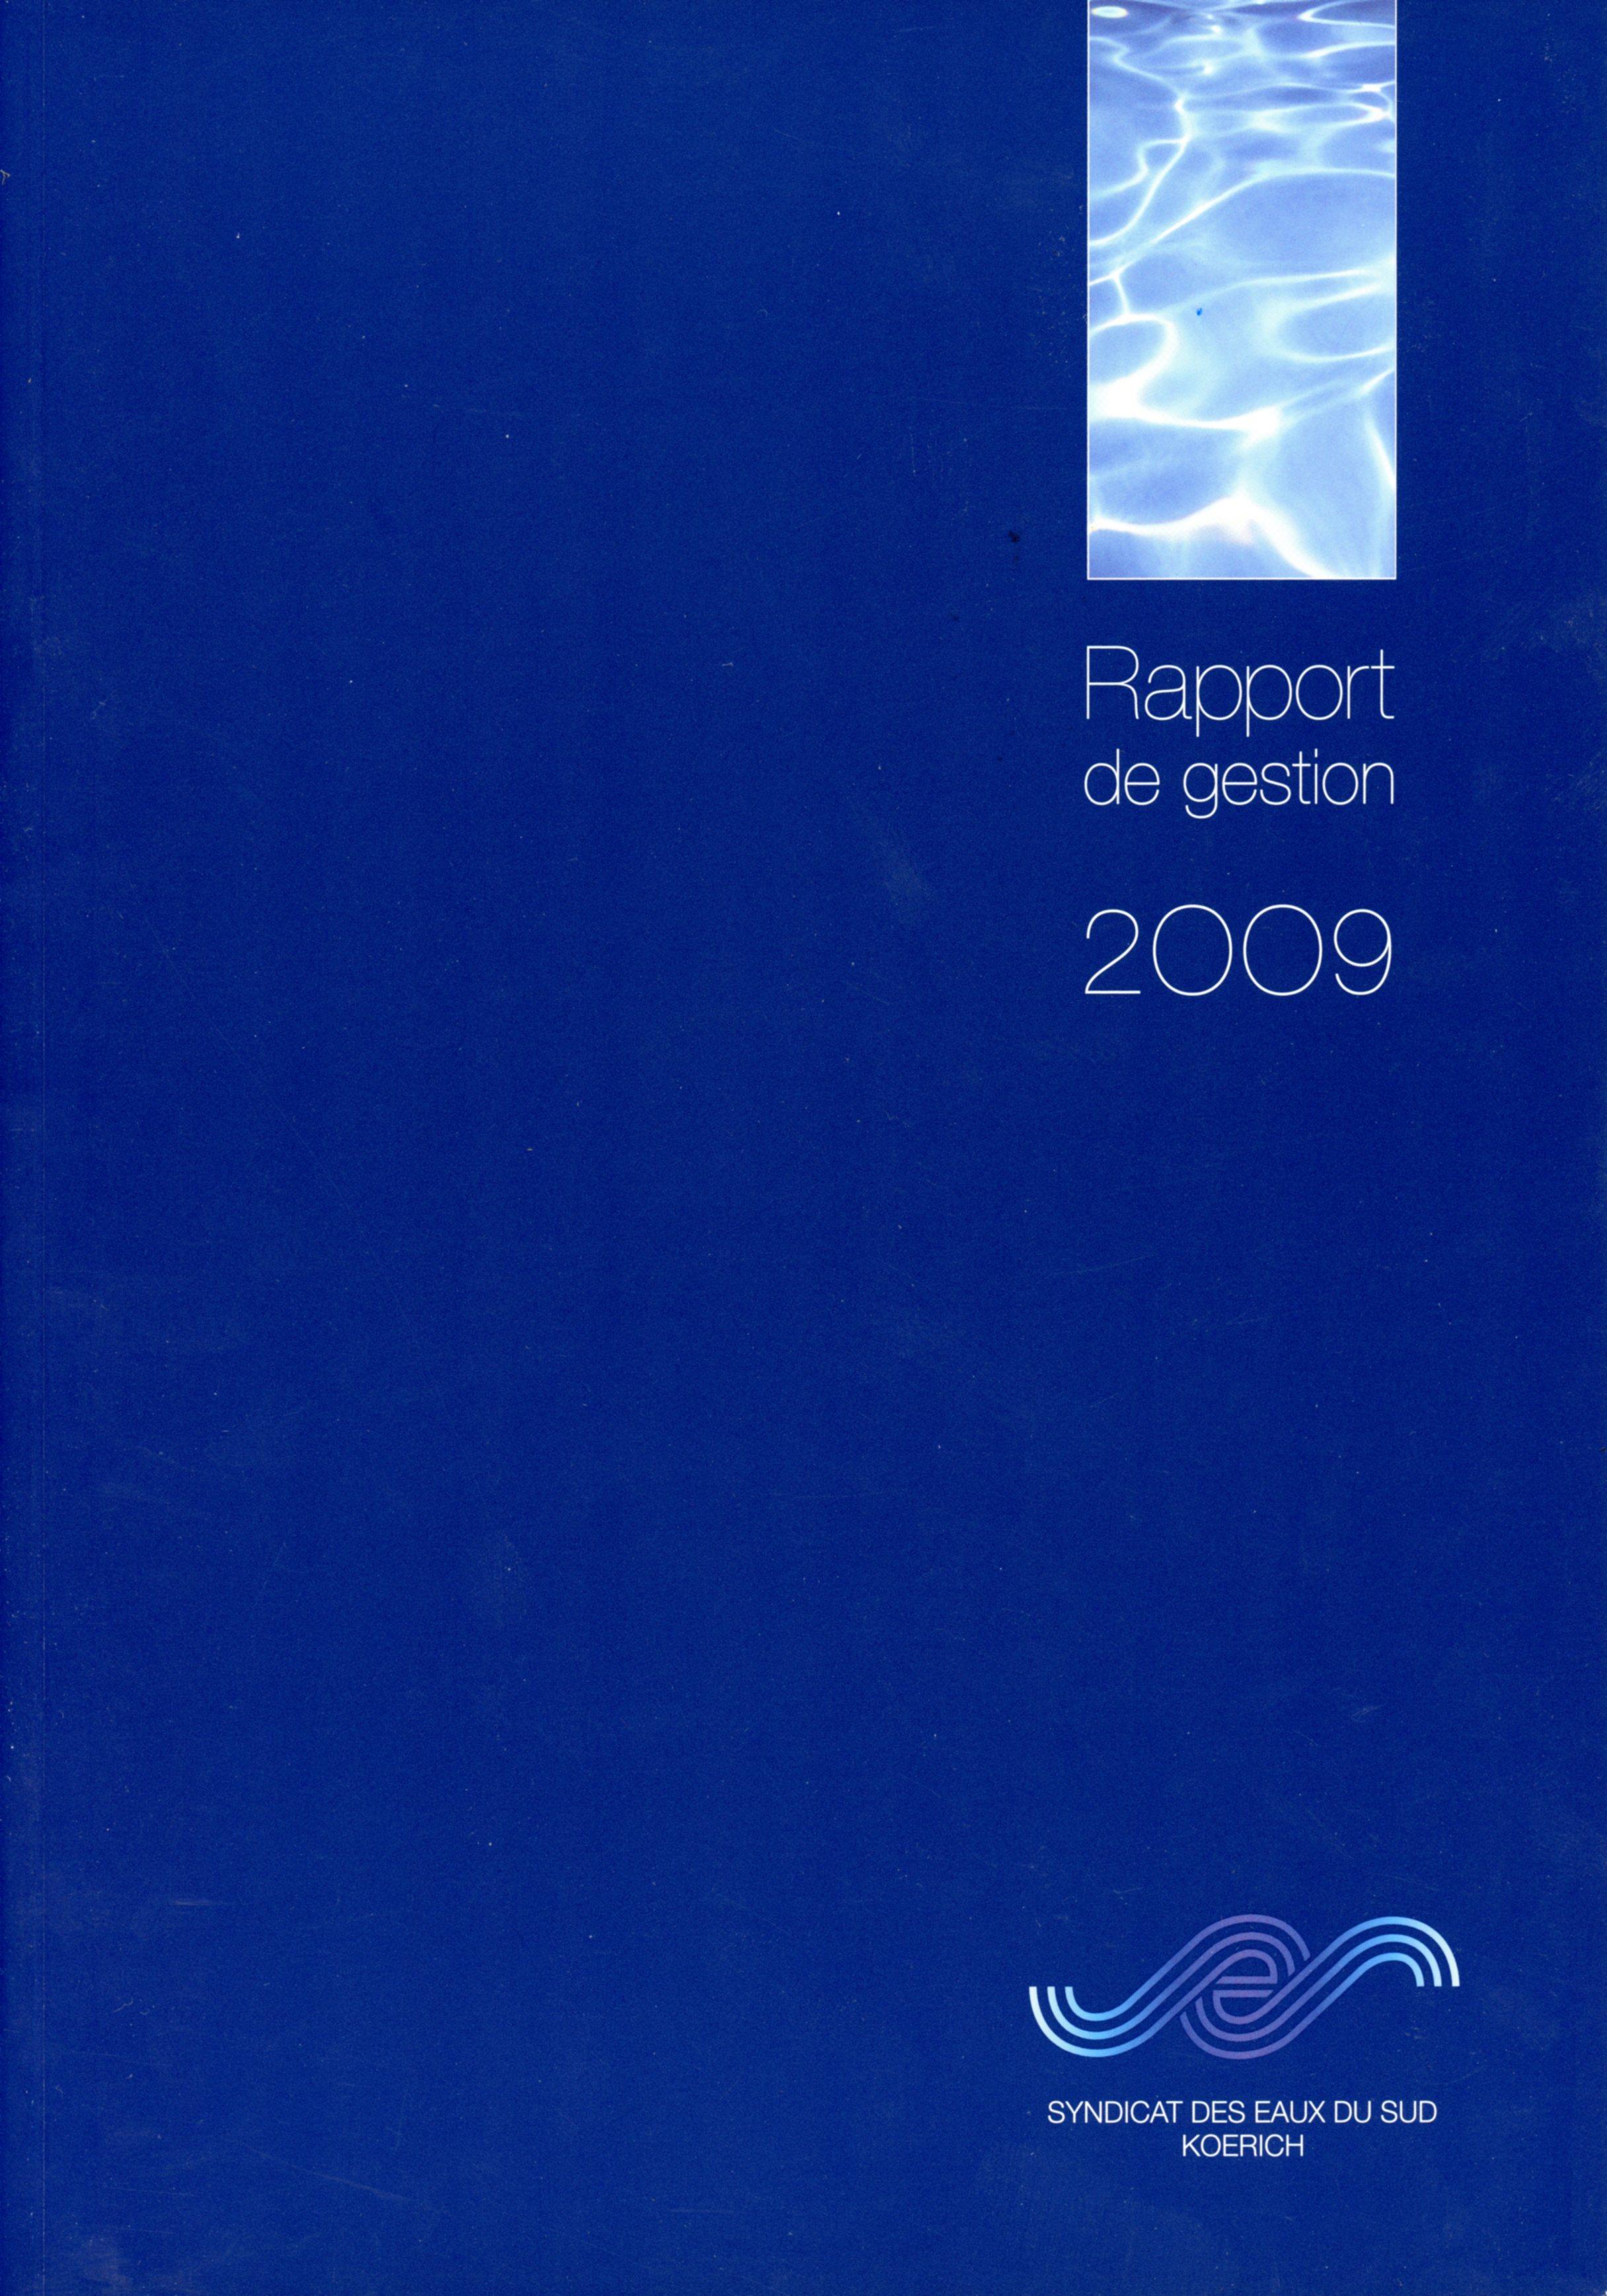 Rapport annuel SES Syndicat des Eaux du Sud Koerich Lex & Pit Weyer 2009